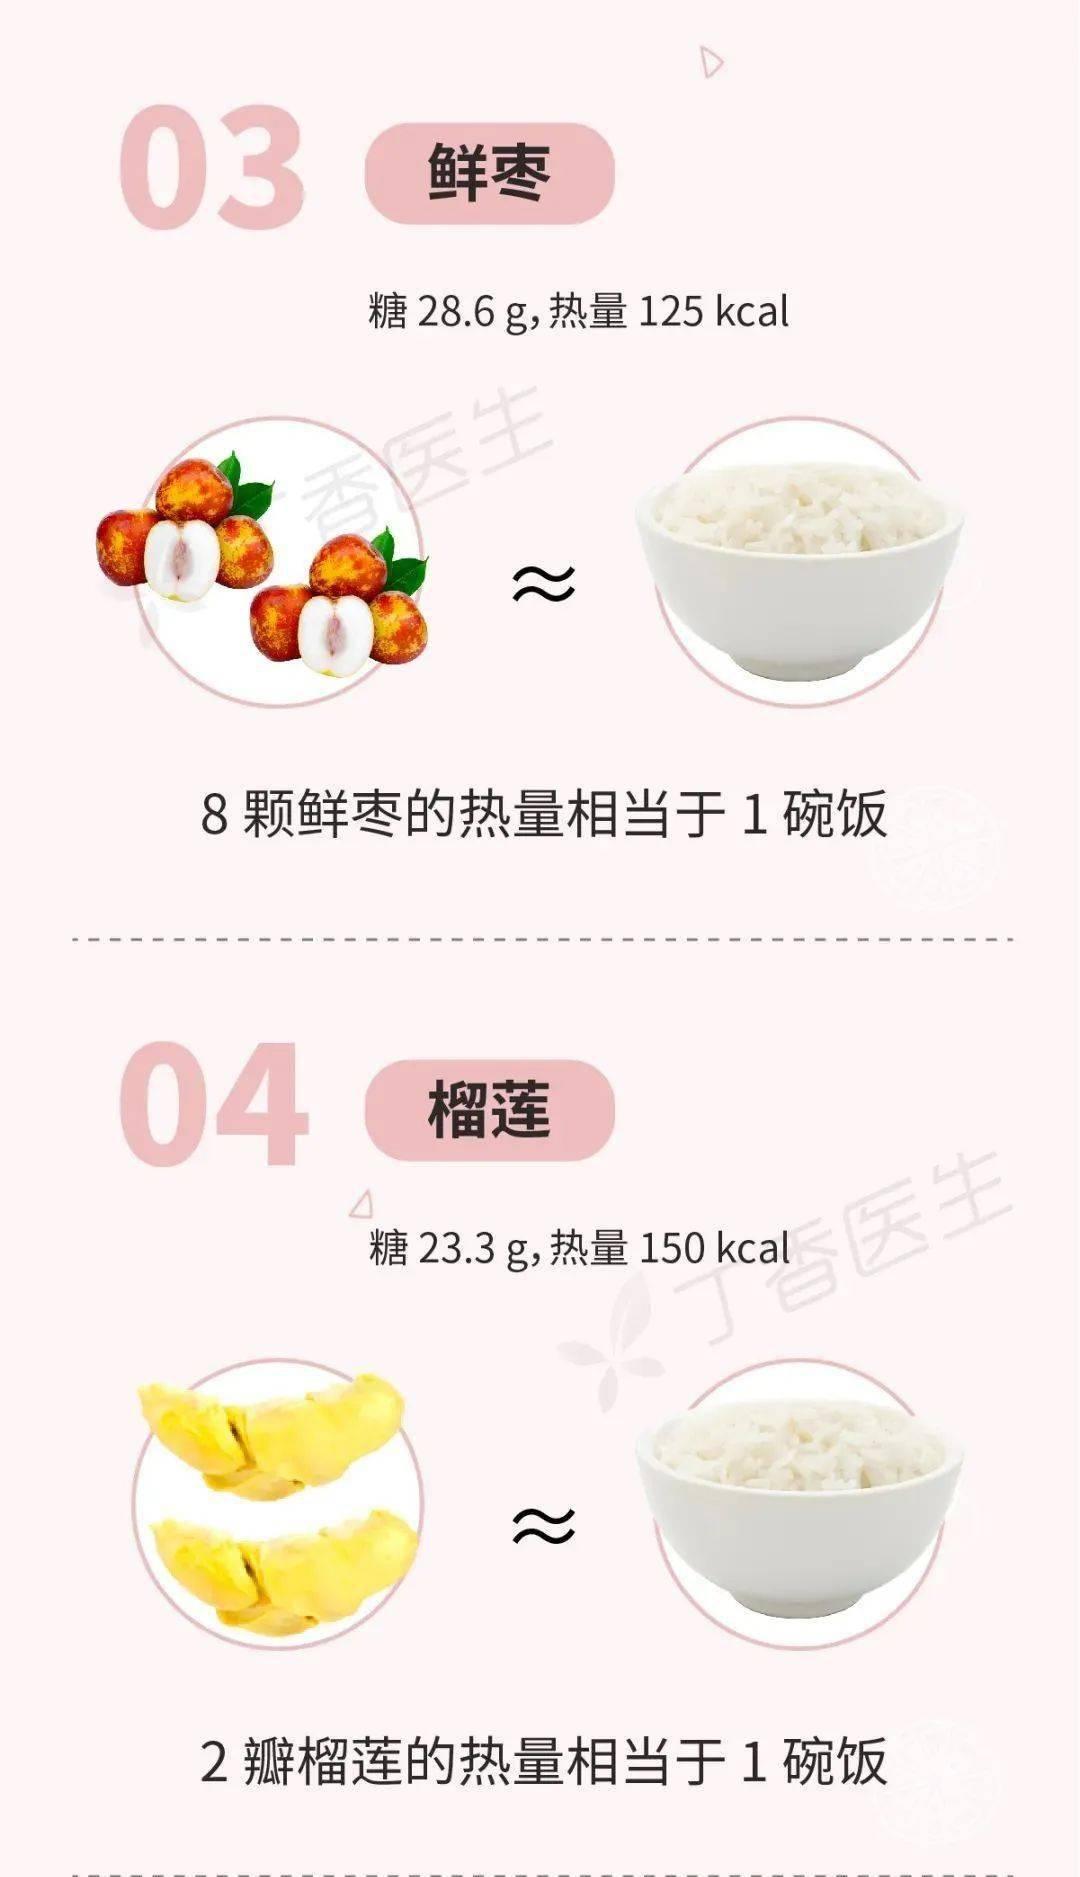 有些水果不甜但巨长胖!一图告诉你水果含糖的真相_丁香 知识百科 第5张